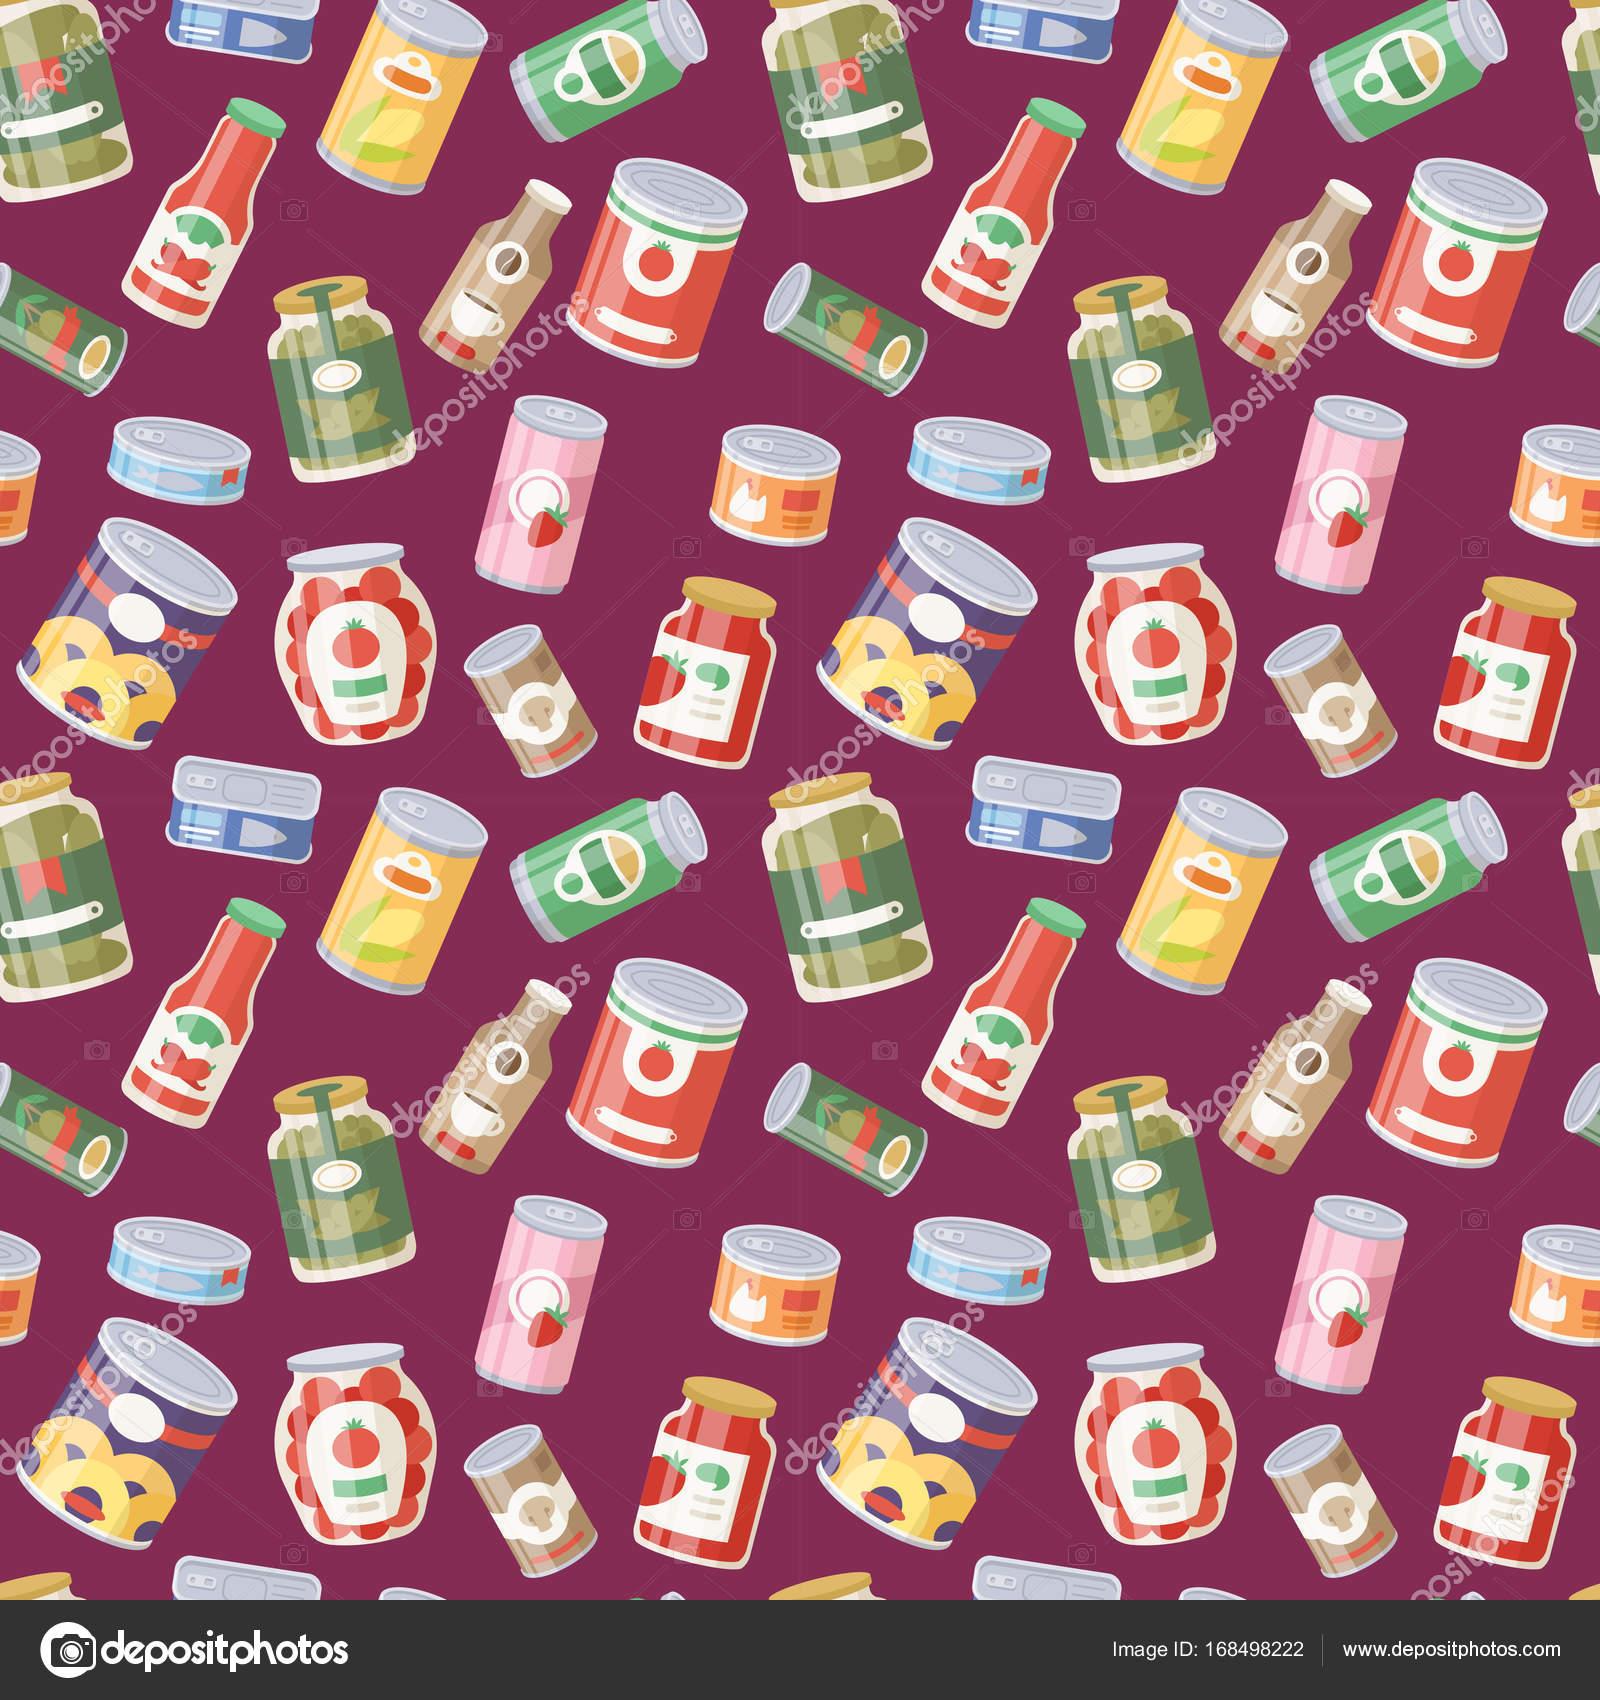 19e2afceeb Raccolta di vari barattoli in scatola merce alimentare contenitore  metallico negozio di alimentari e prodotti deposito alluminio piatto  conserva etichetta ...